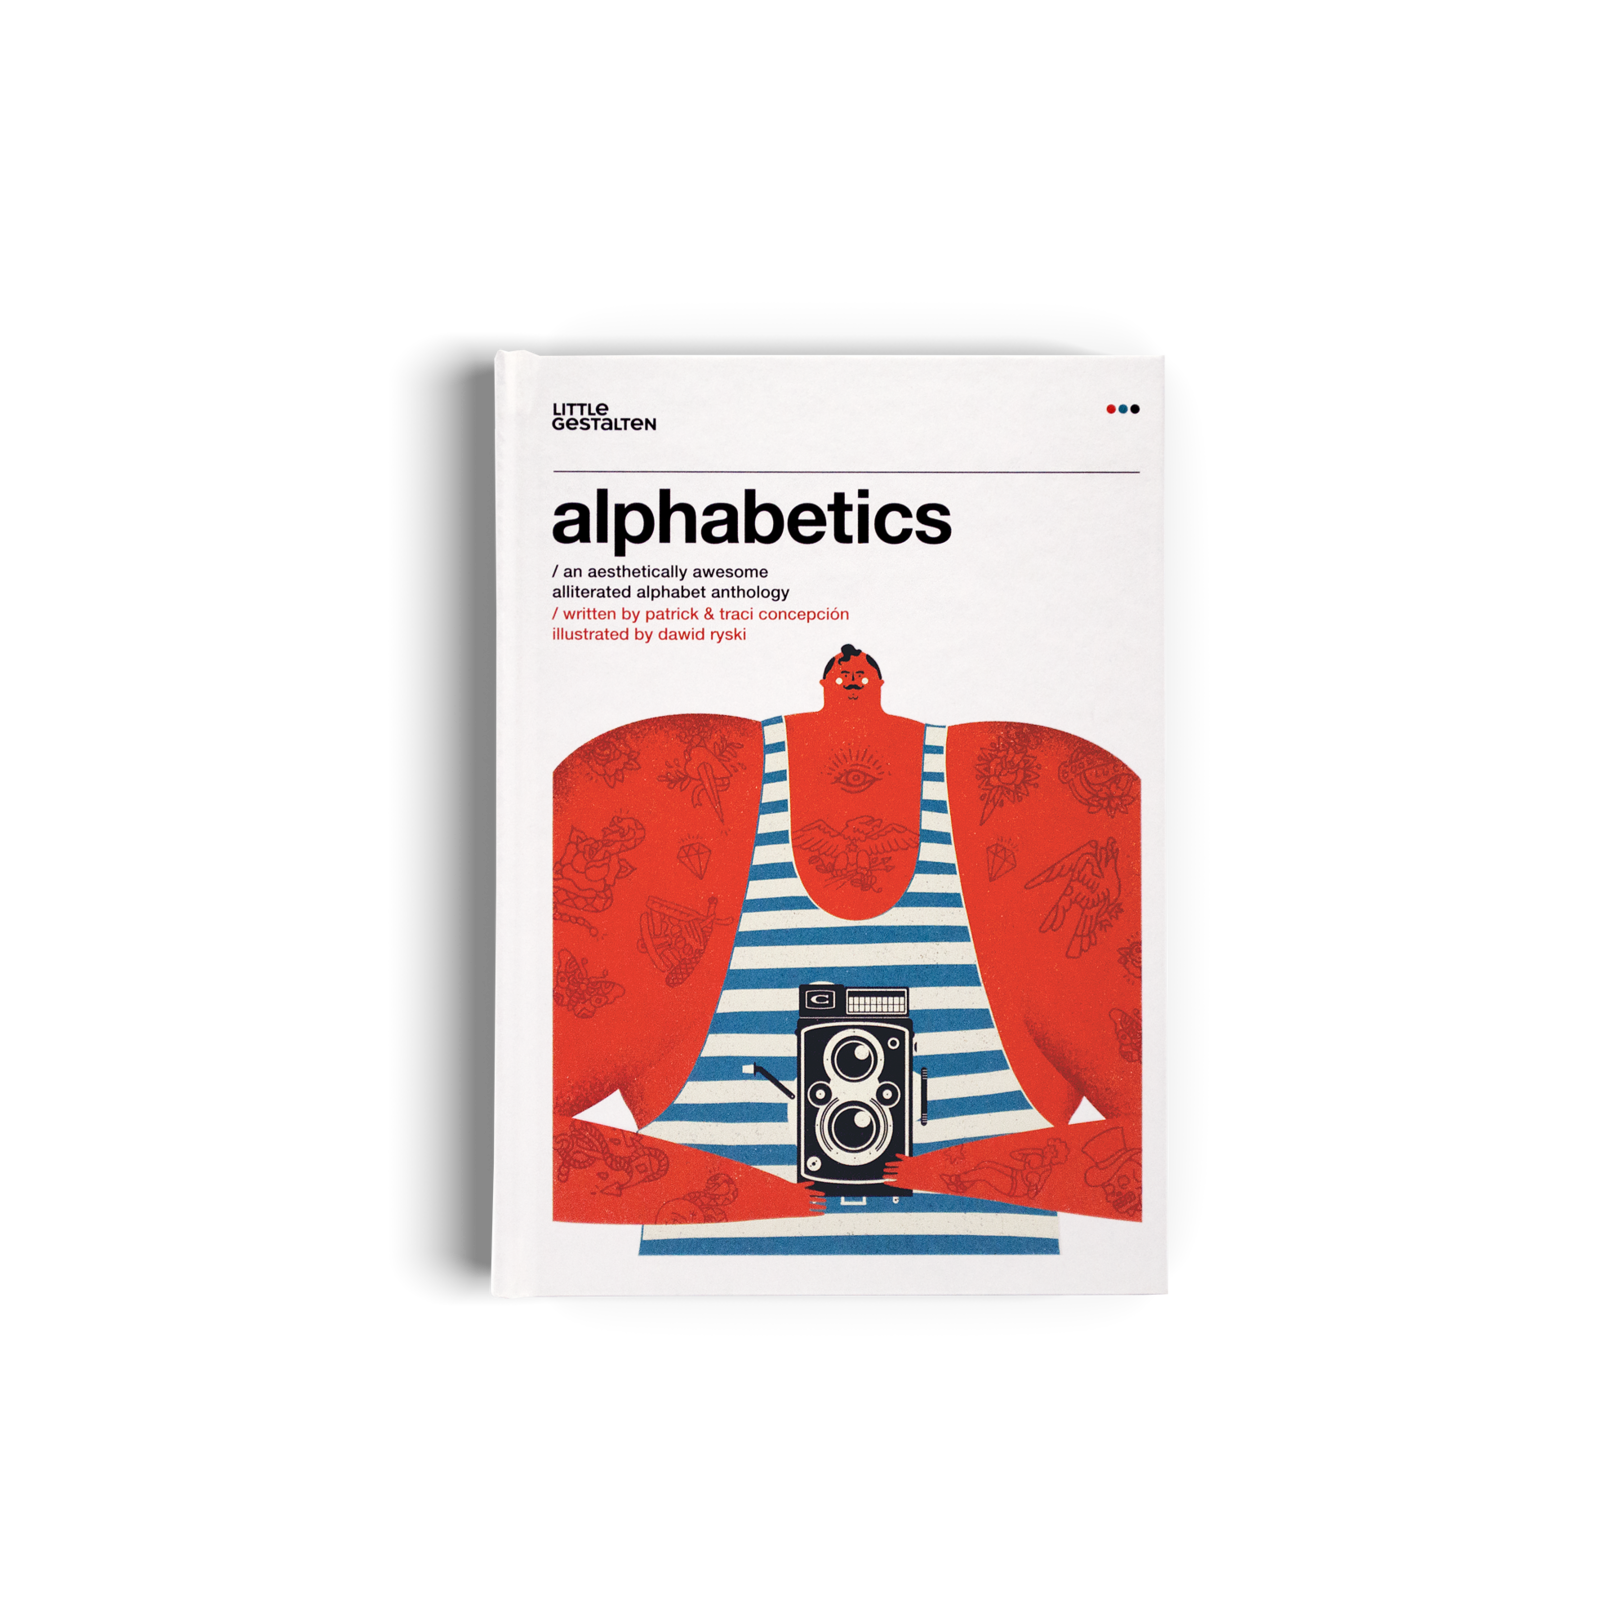 Alphabetics: An Aesthetically Awesome Alliterated Alphabet Anthology